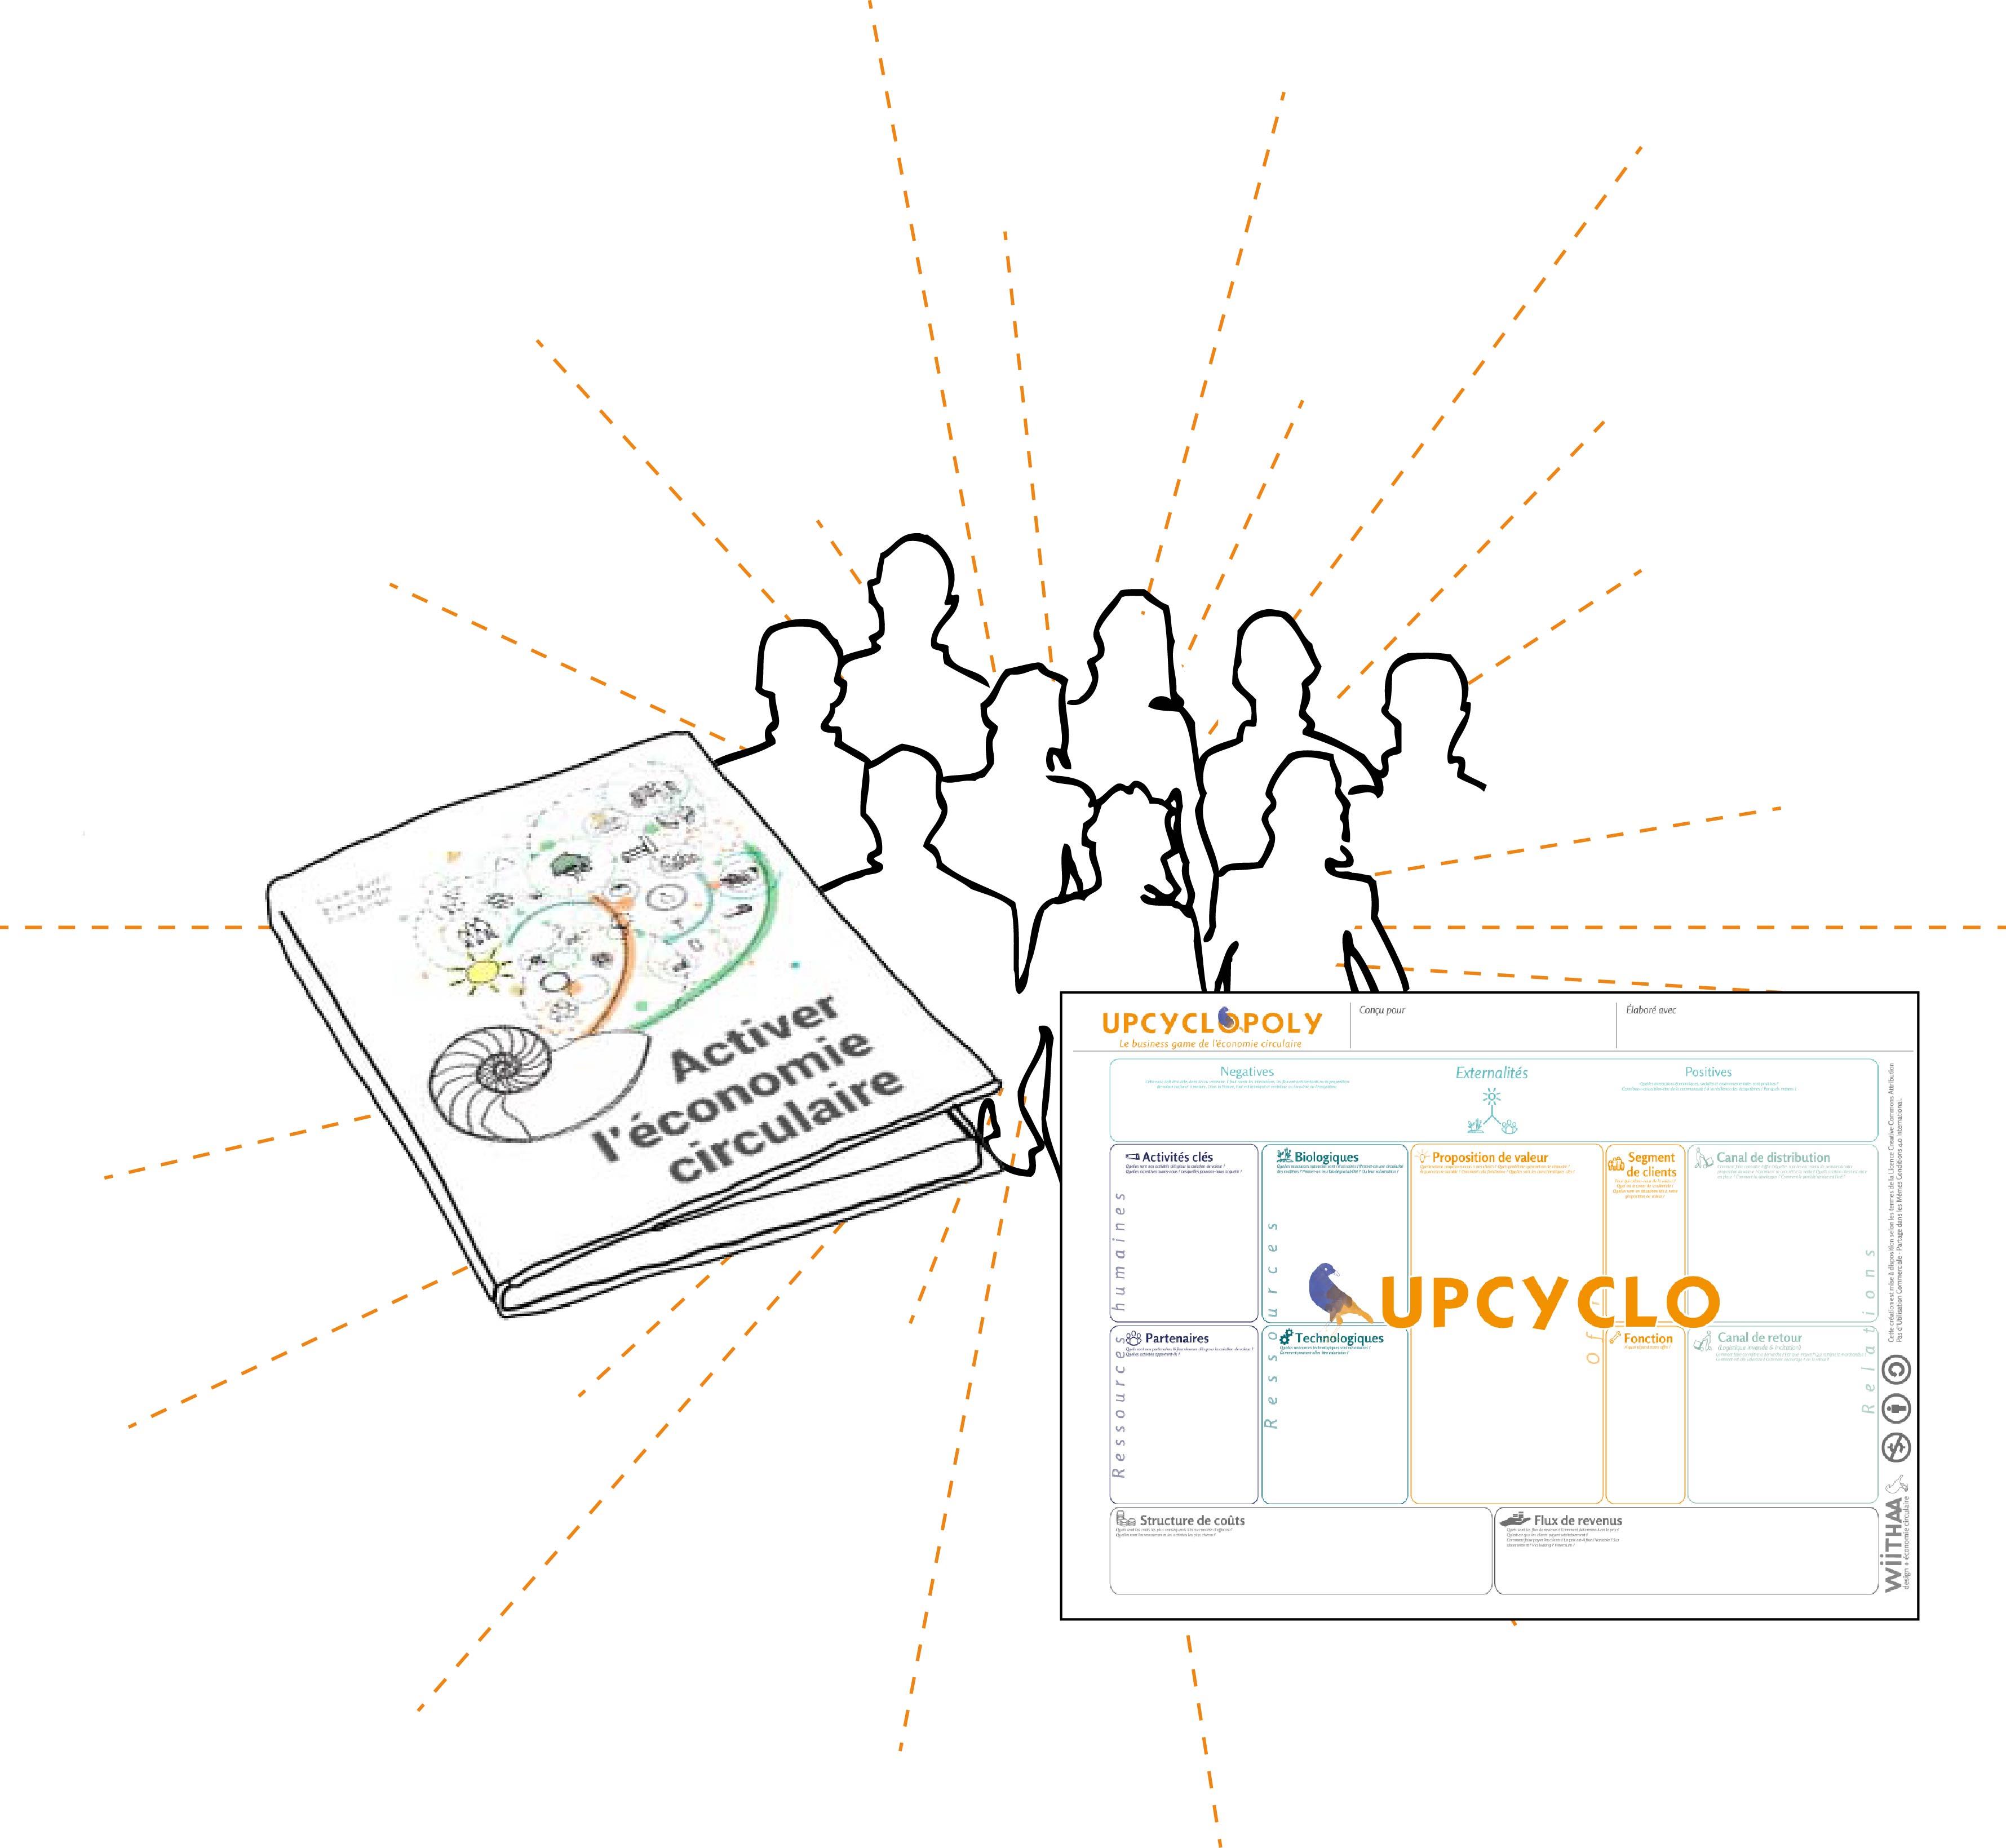 conf-upcyclo-1428492785.jpg